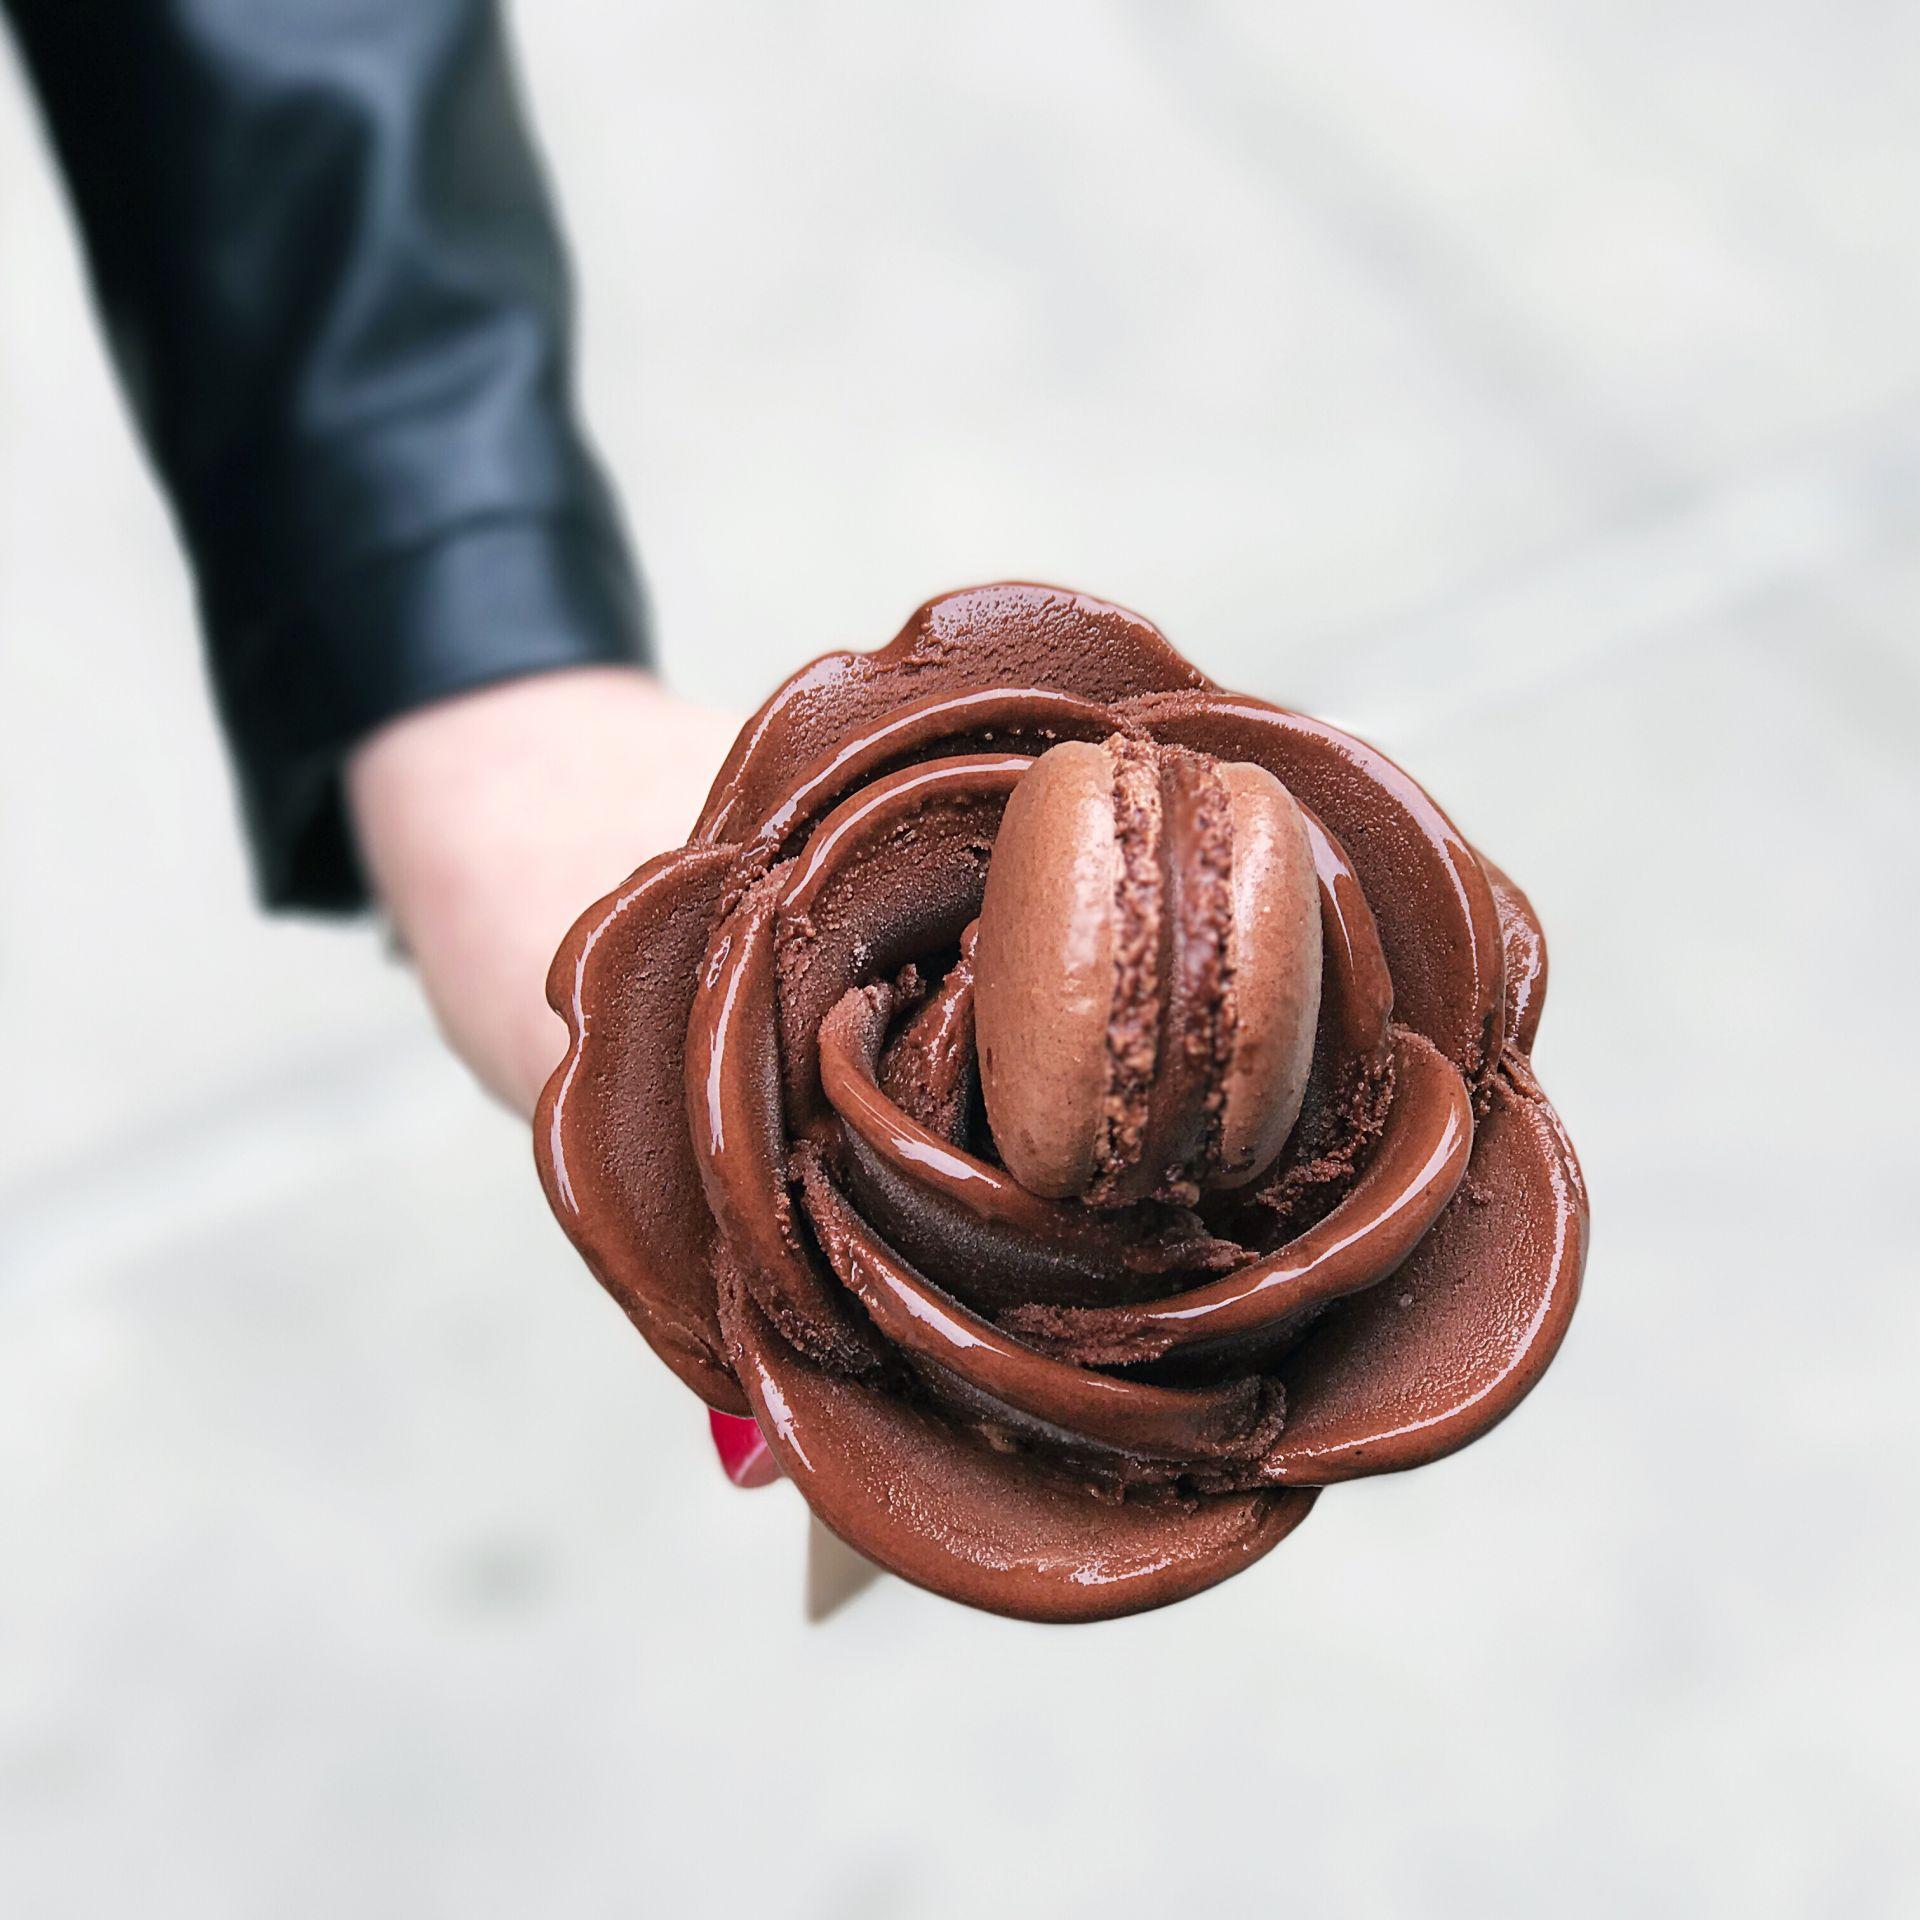 Amorino Chocolate Rose